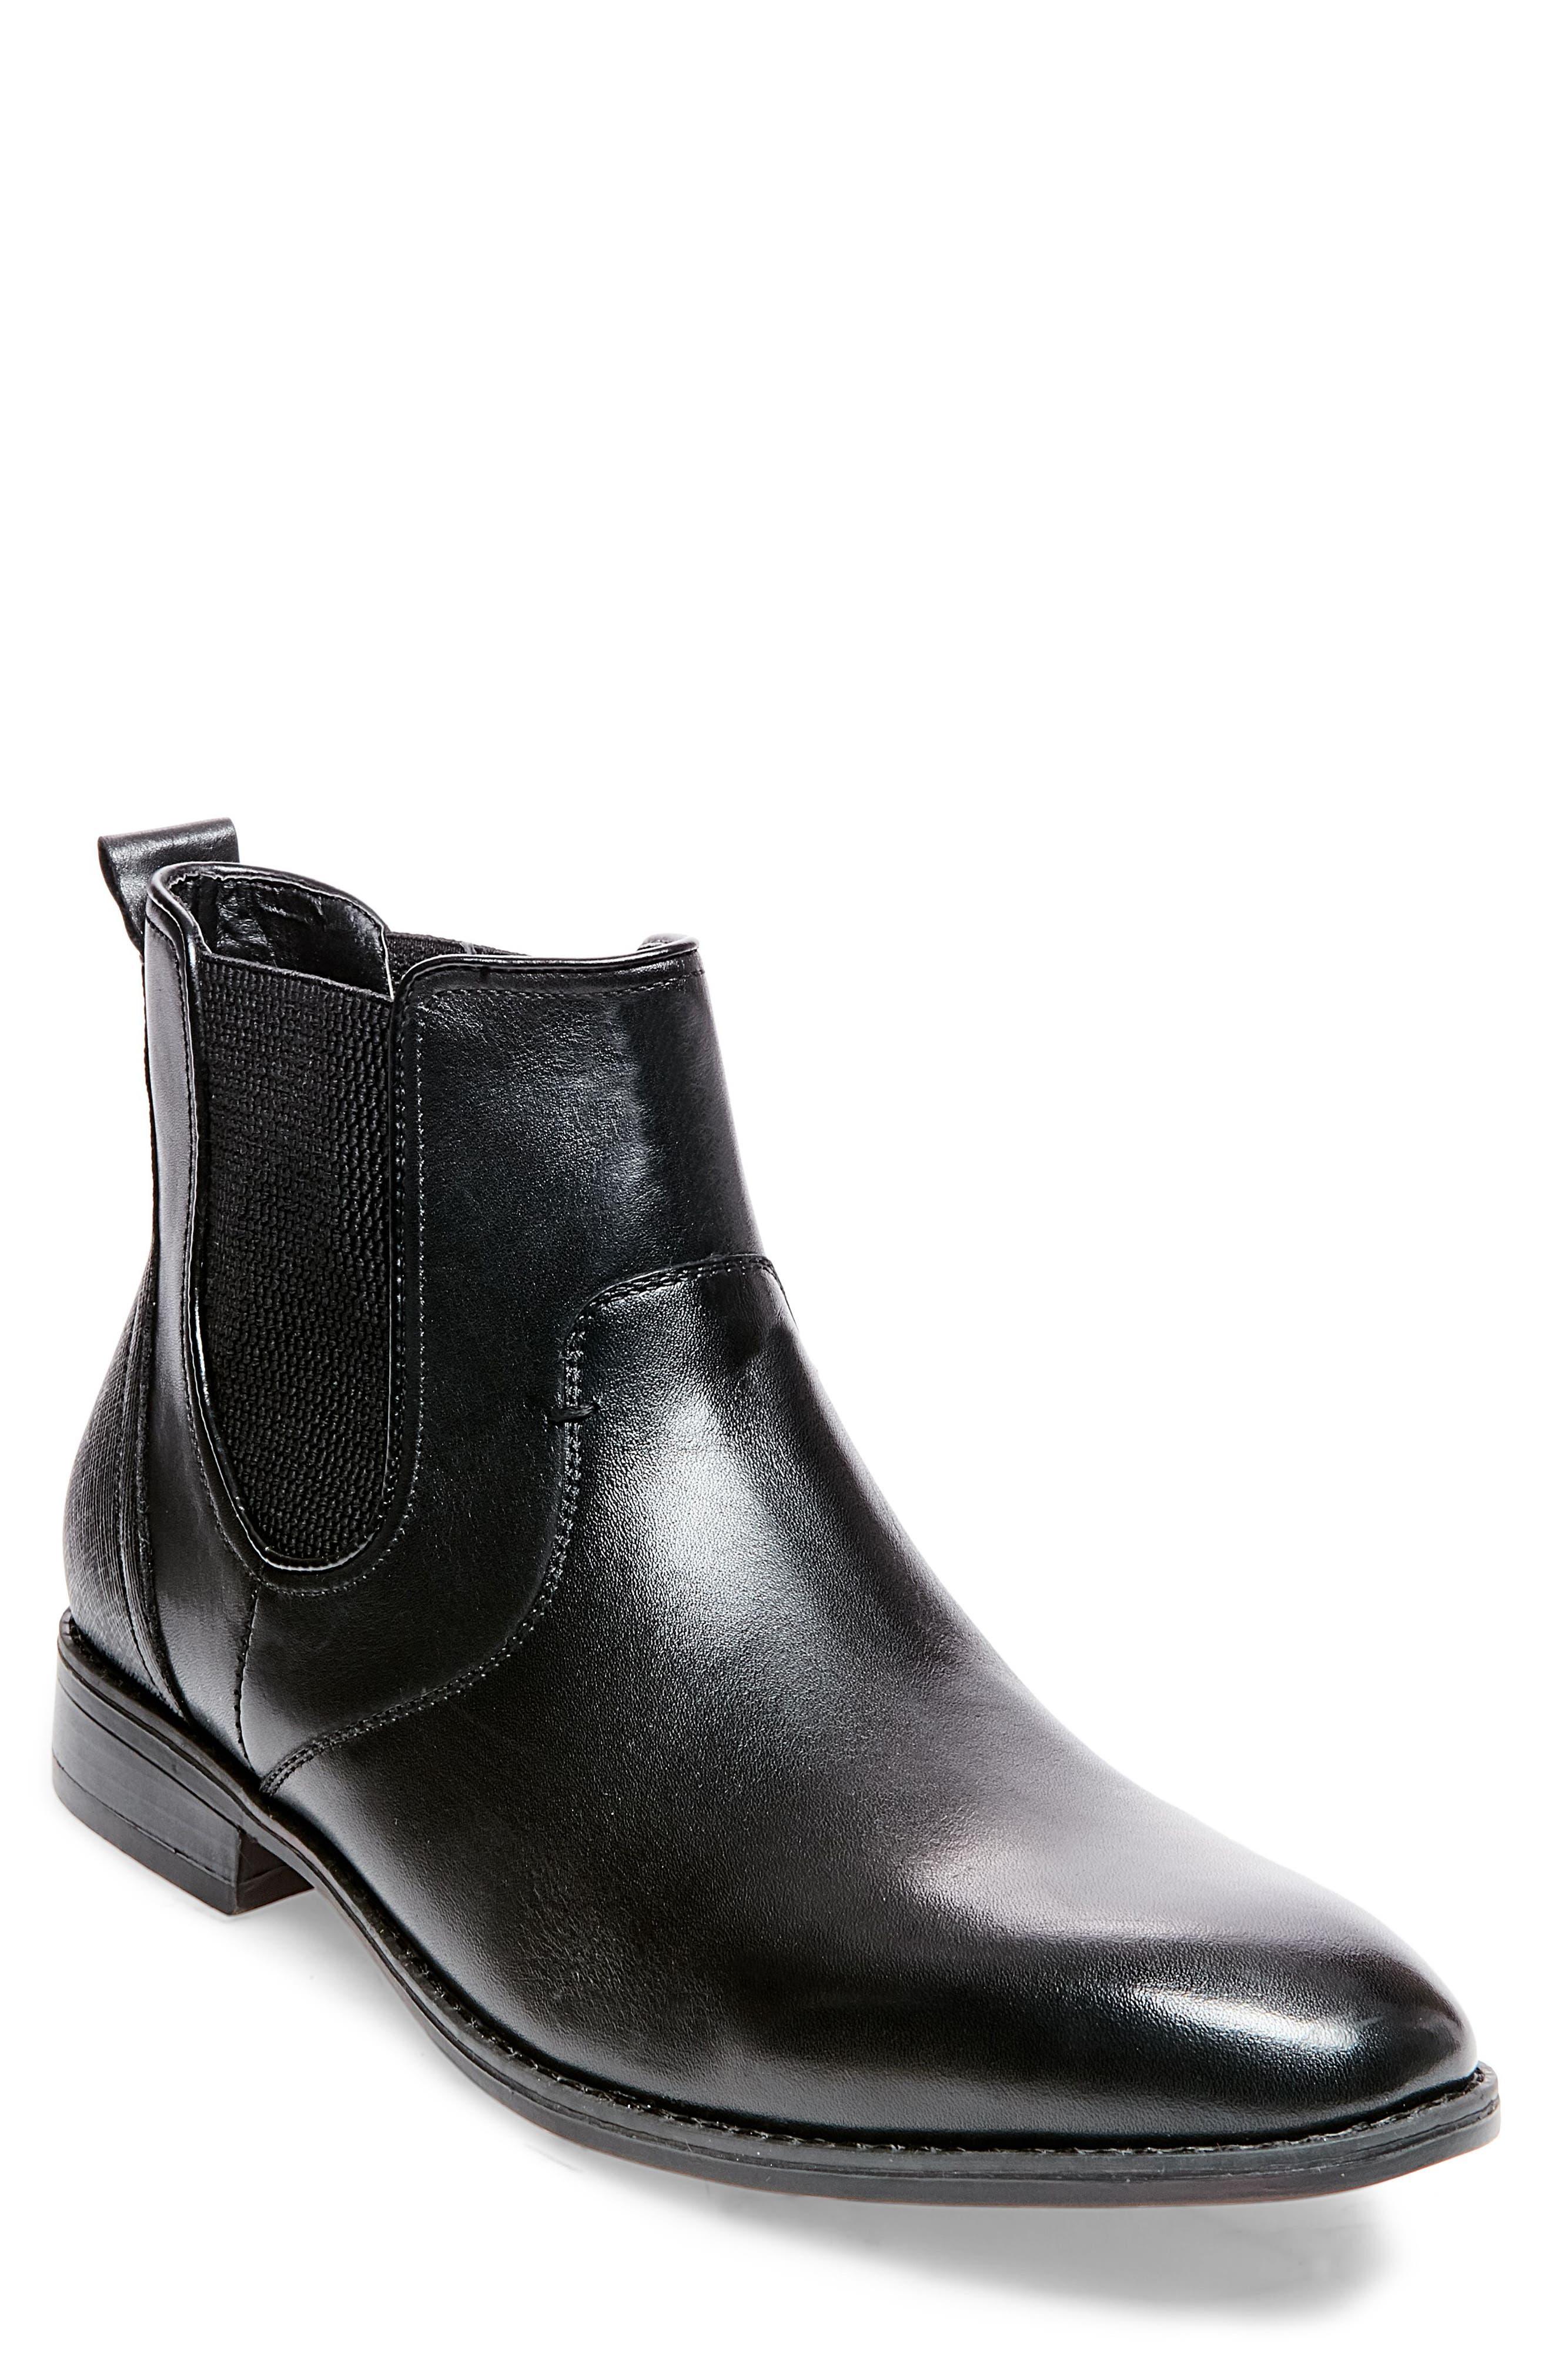 Lobert Chelsea Boot,                         Main,                         color, 001